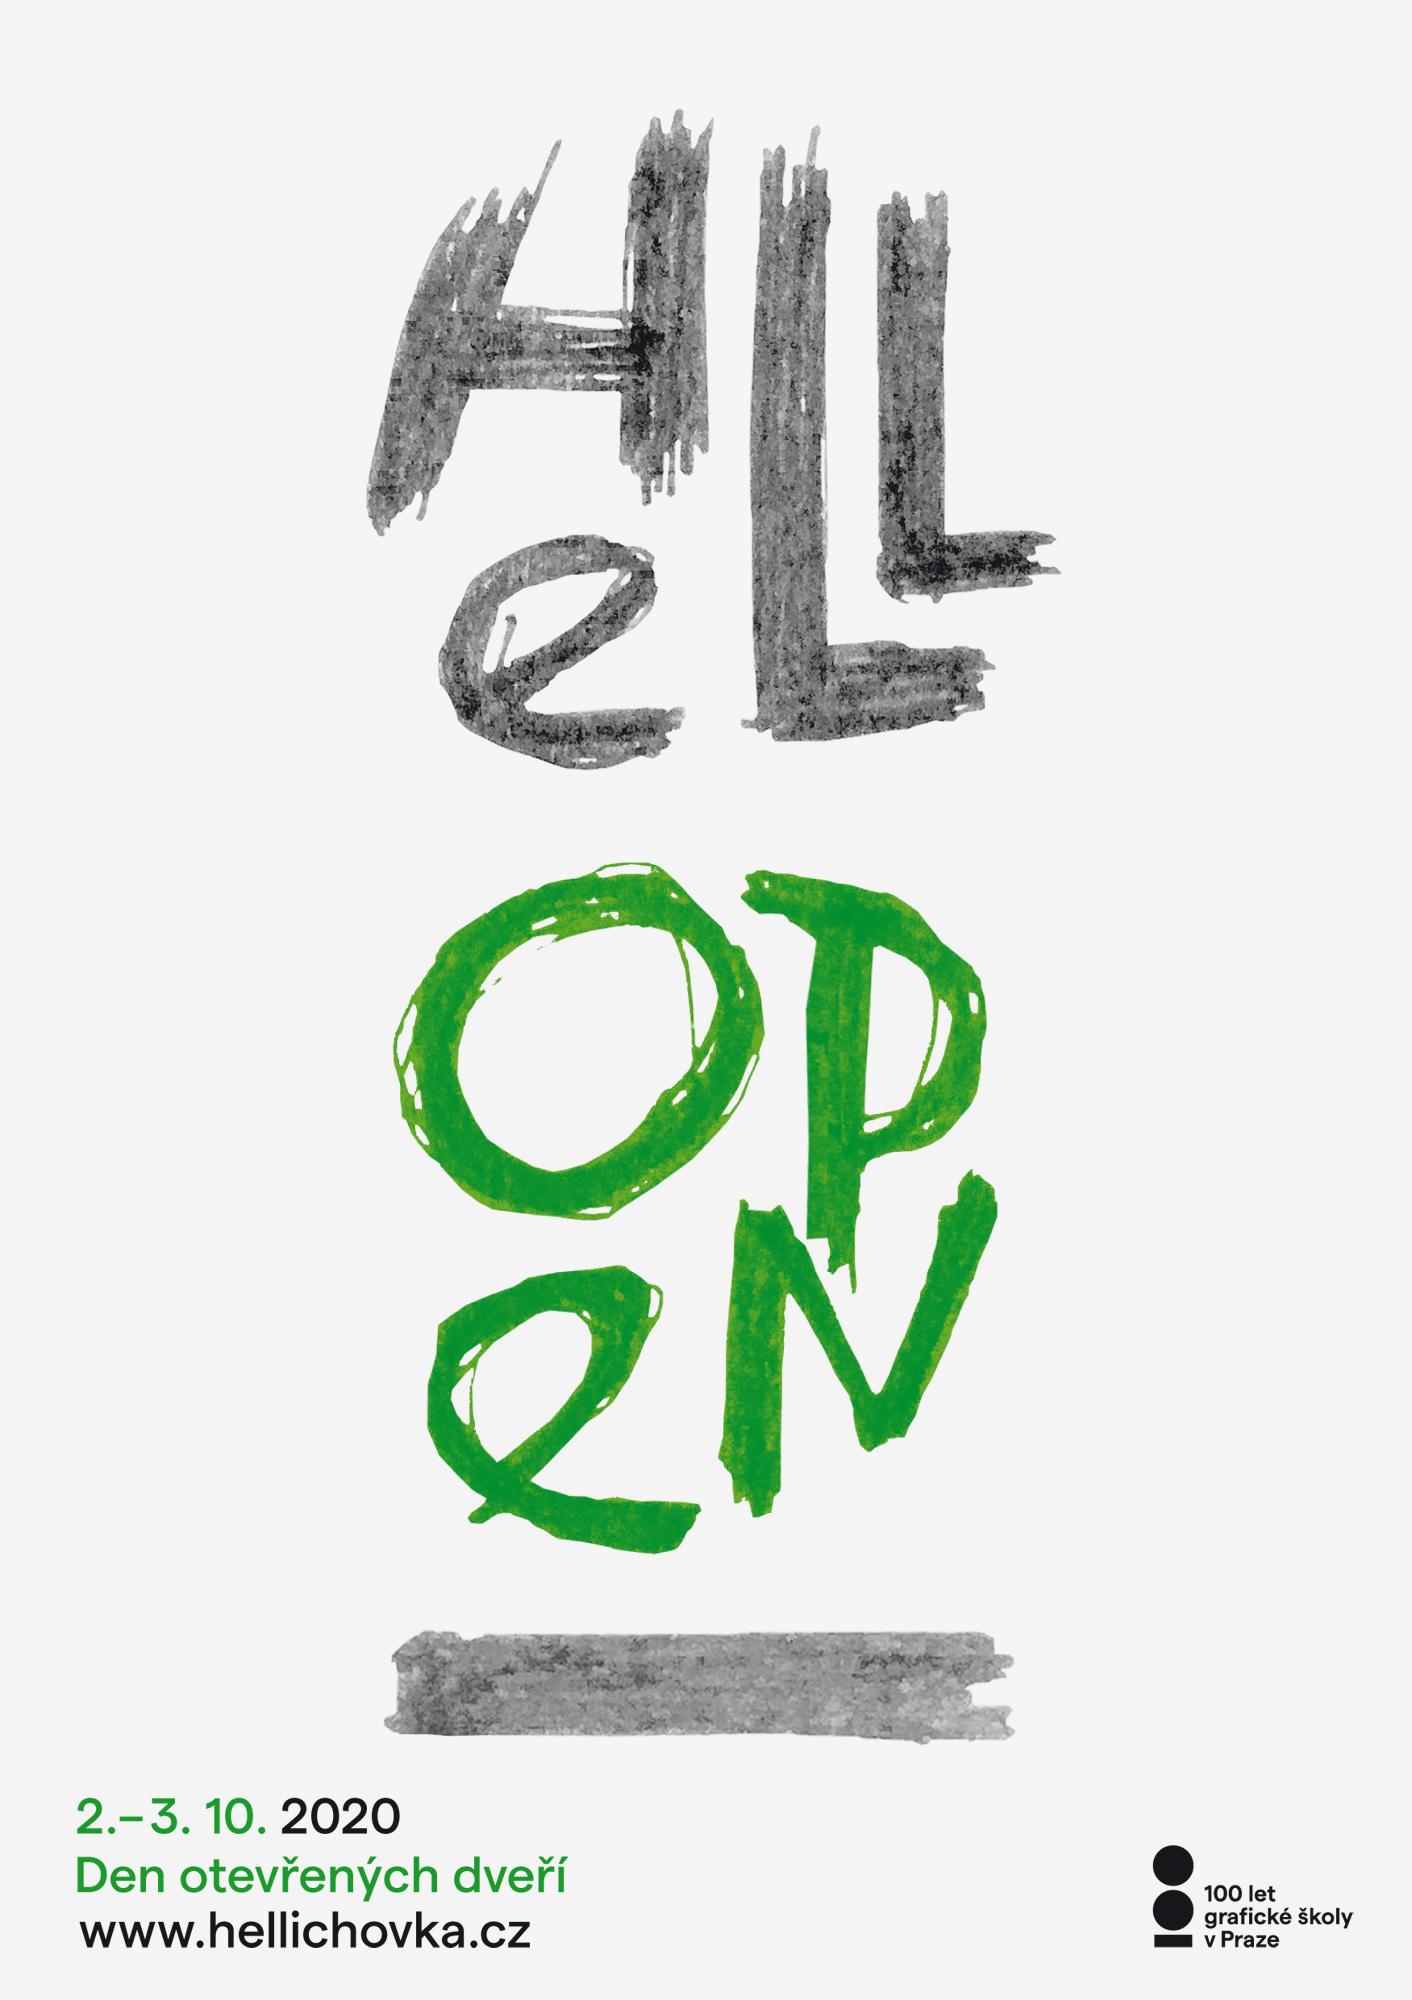 návrh plakátu Hellichovka Open<br> Den otevřených dveří<br> semestrální práce | 1. ročník<br> G1A 01 2020/2021